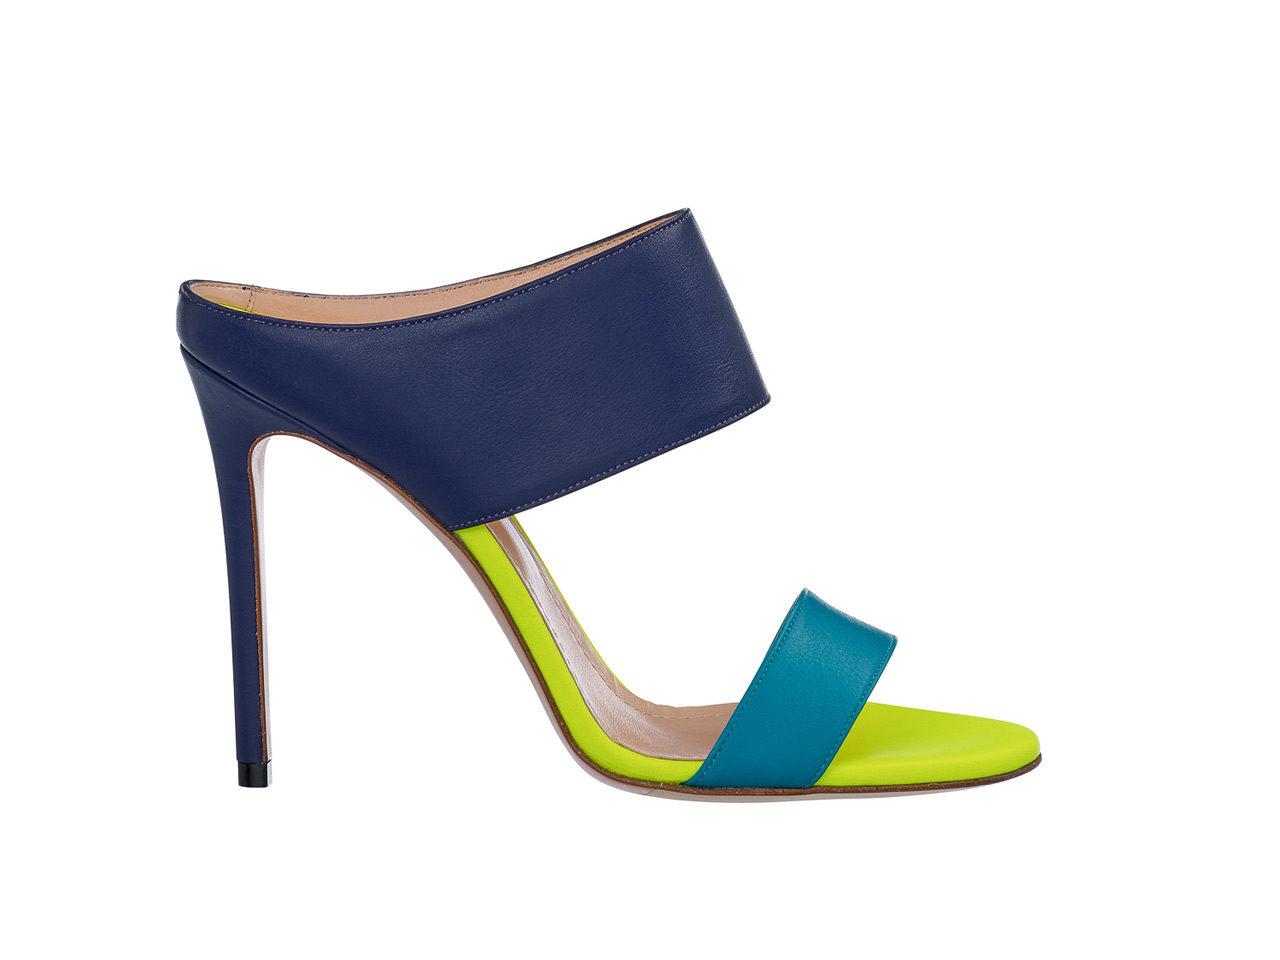 June chaussures La Manufacture